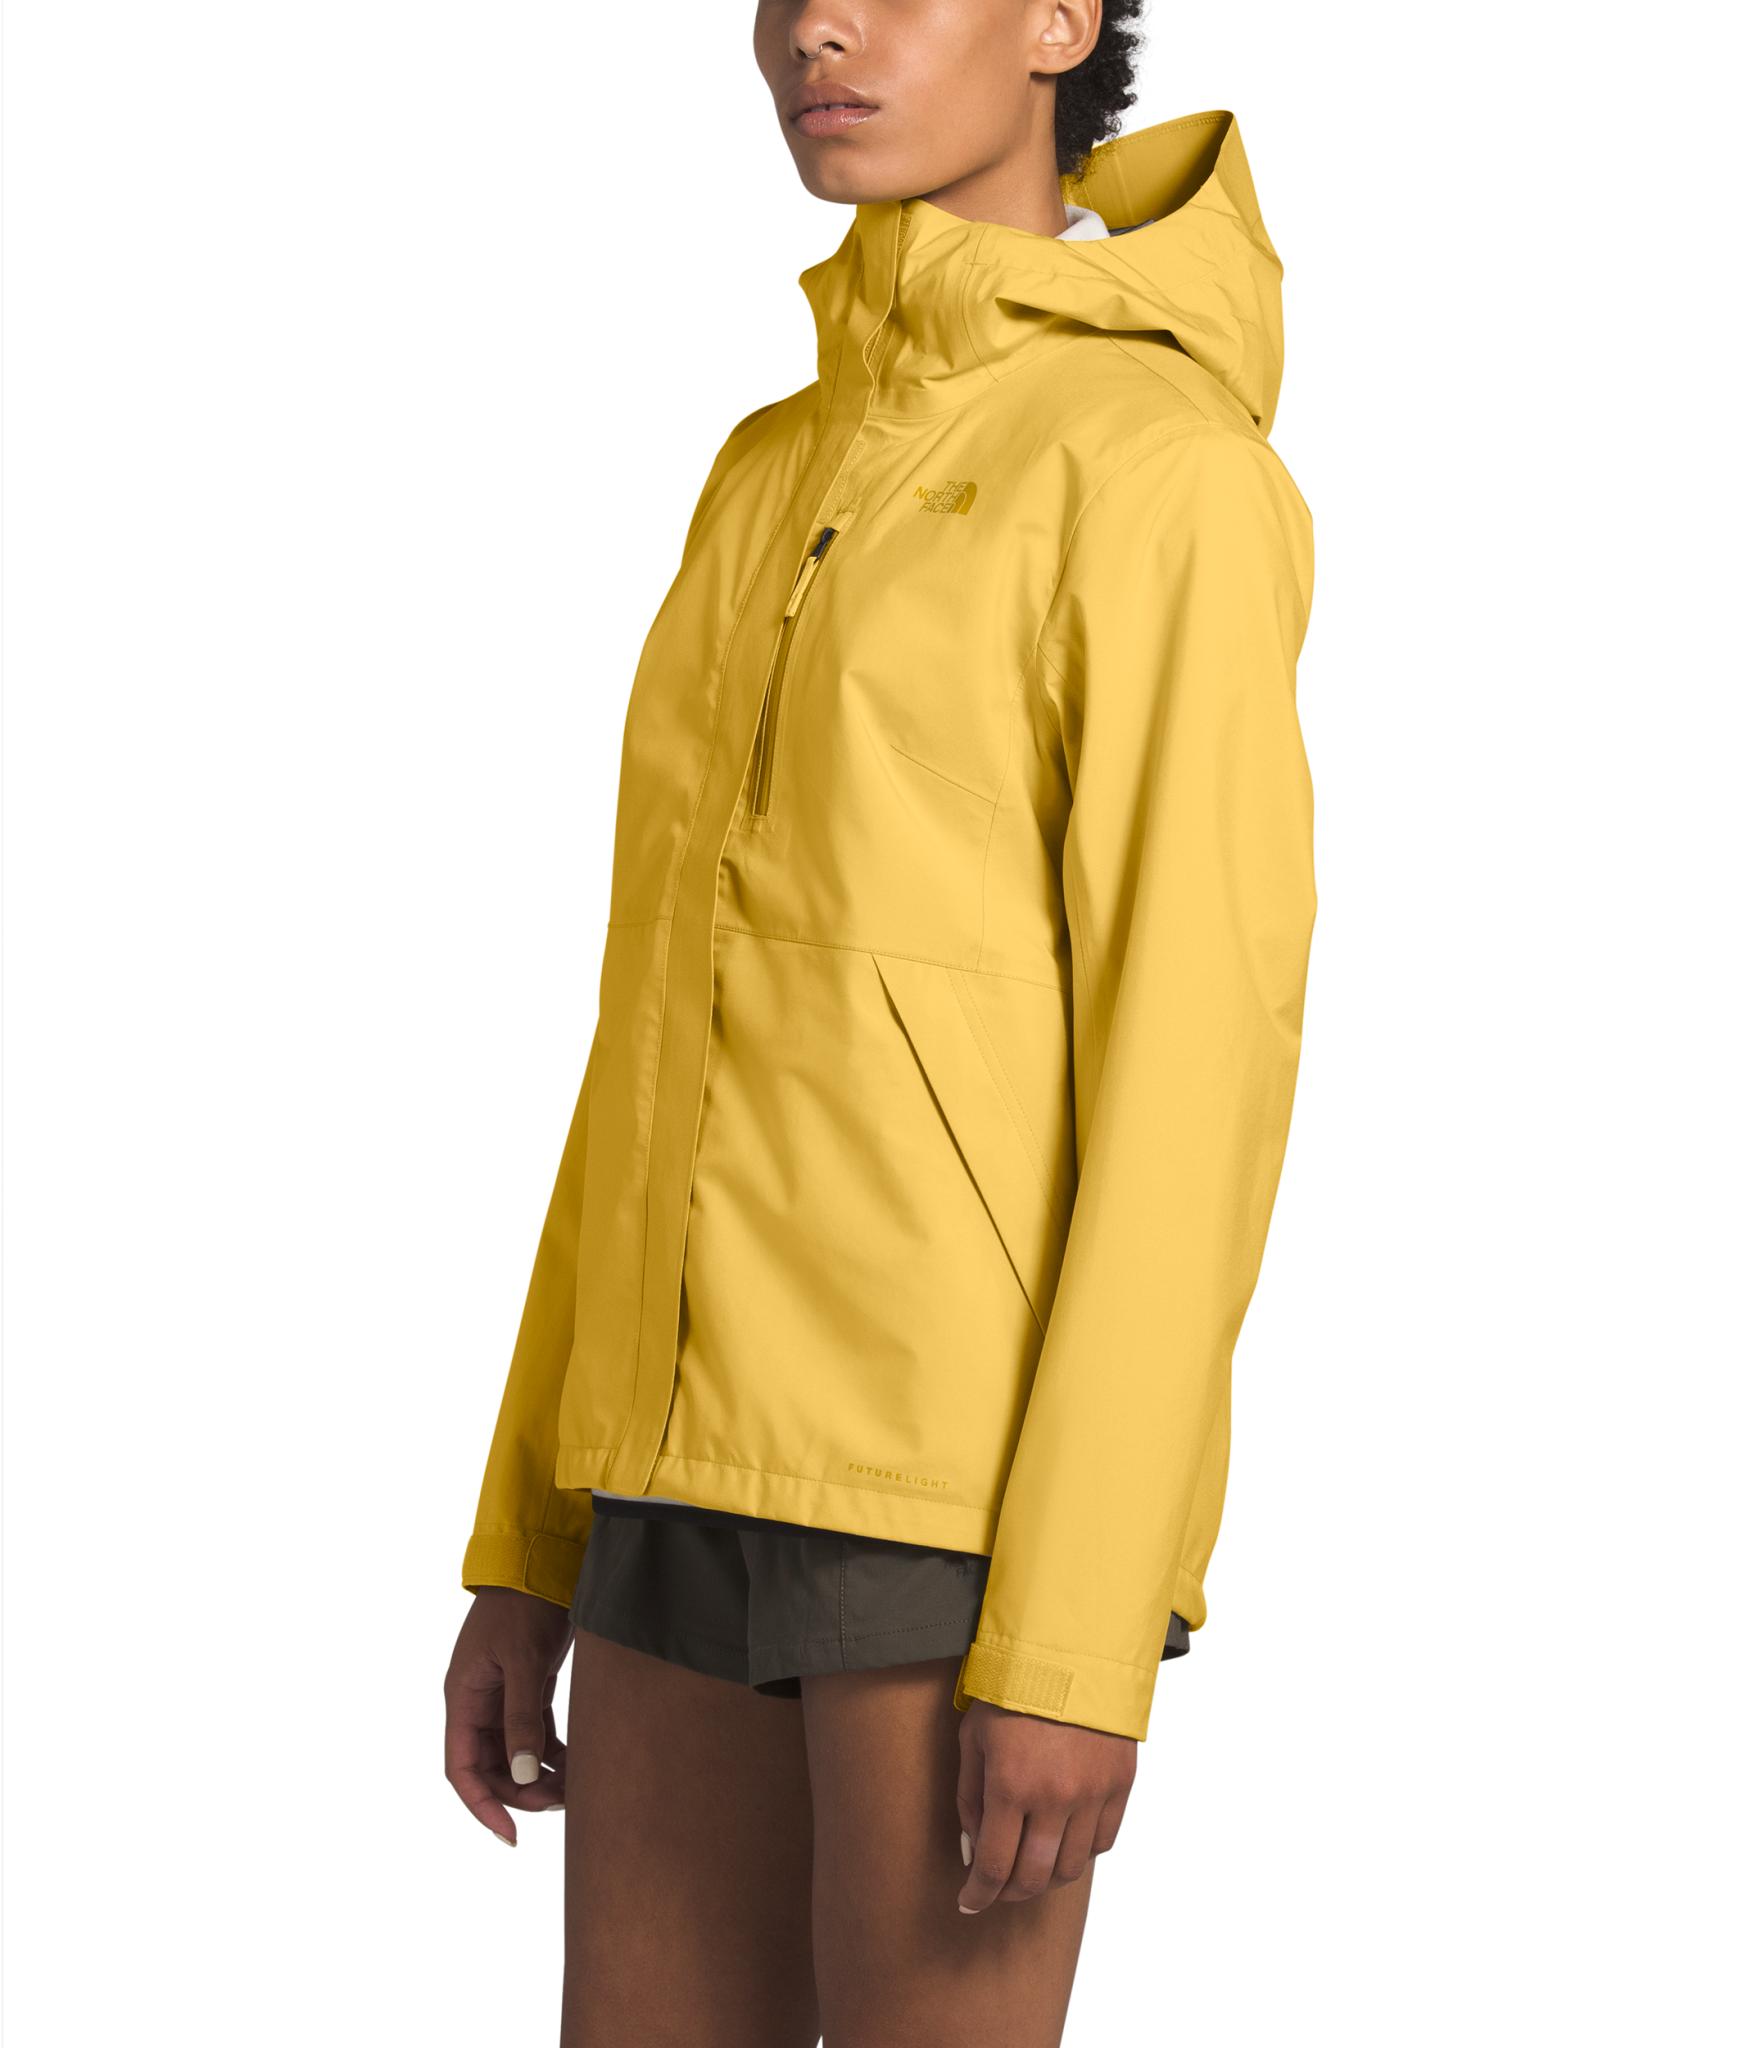 Women's Dryzzle FUTURELIGHT Rain Jacket-6